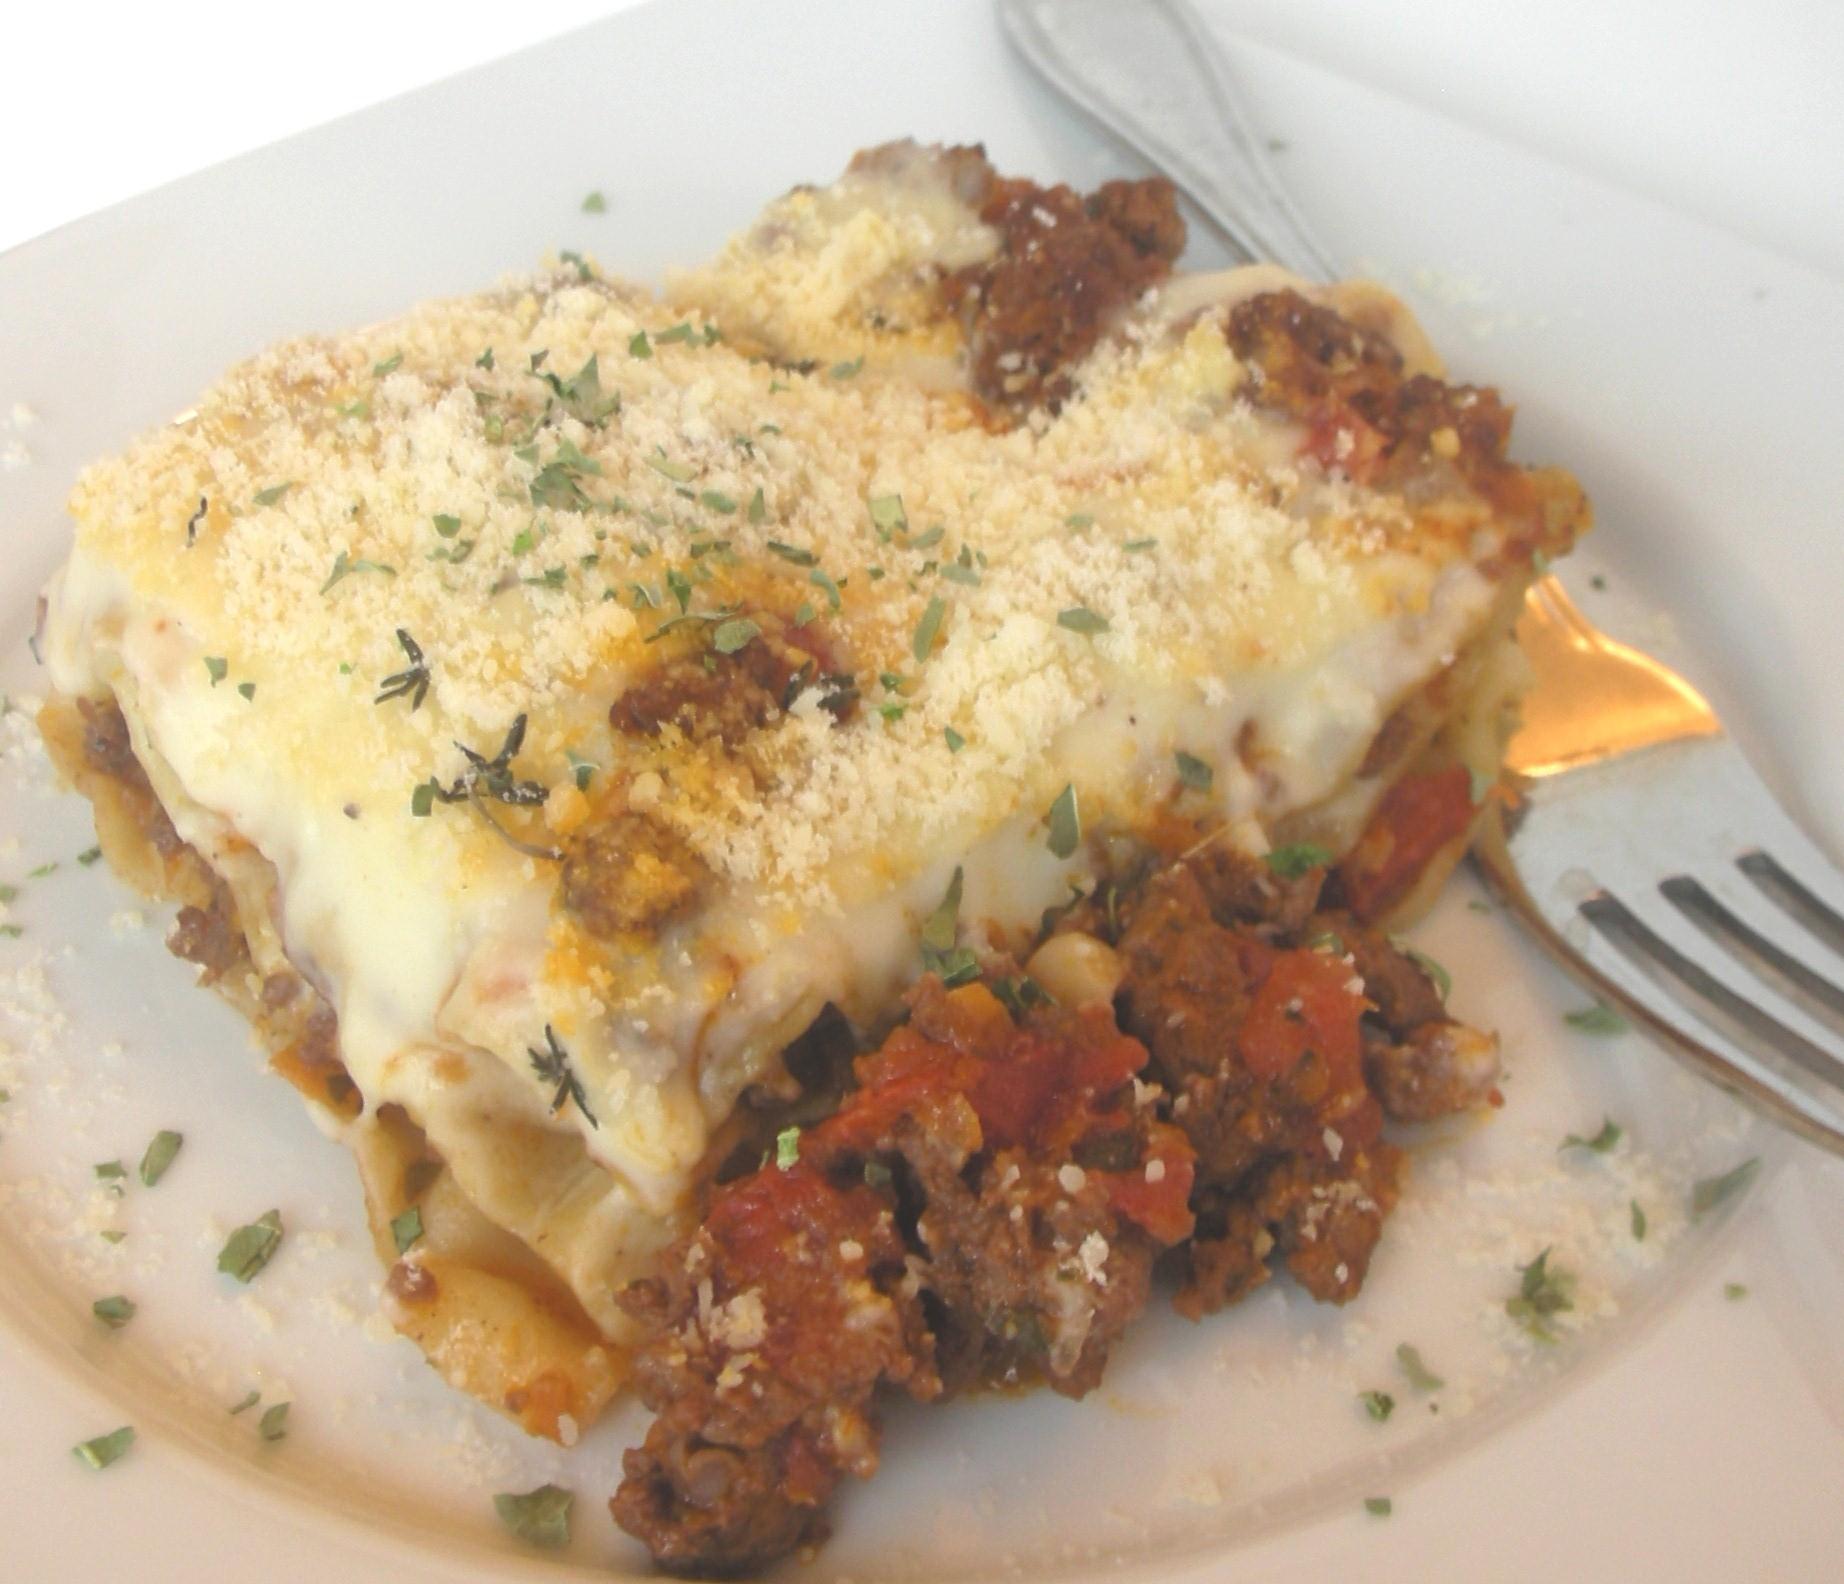 Classic Lasagne Classic Lasagna Al Forno Get Cooking With Clint